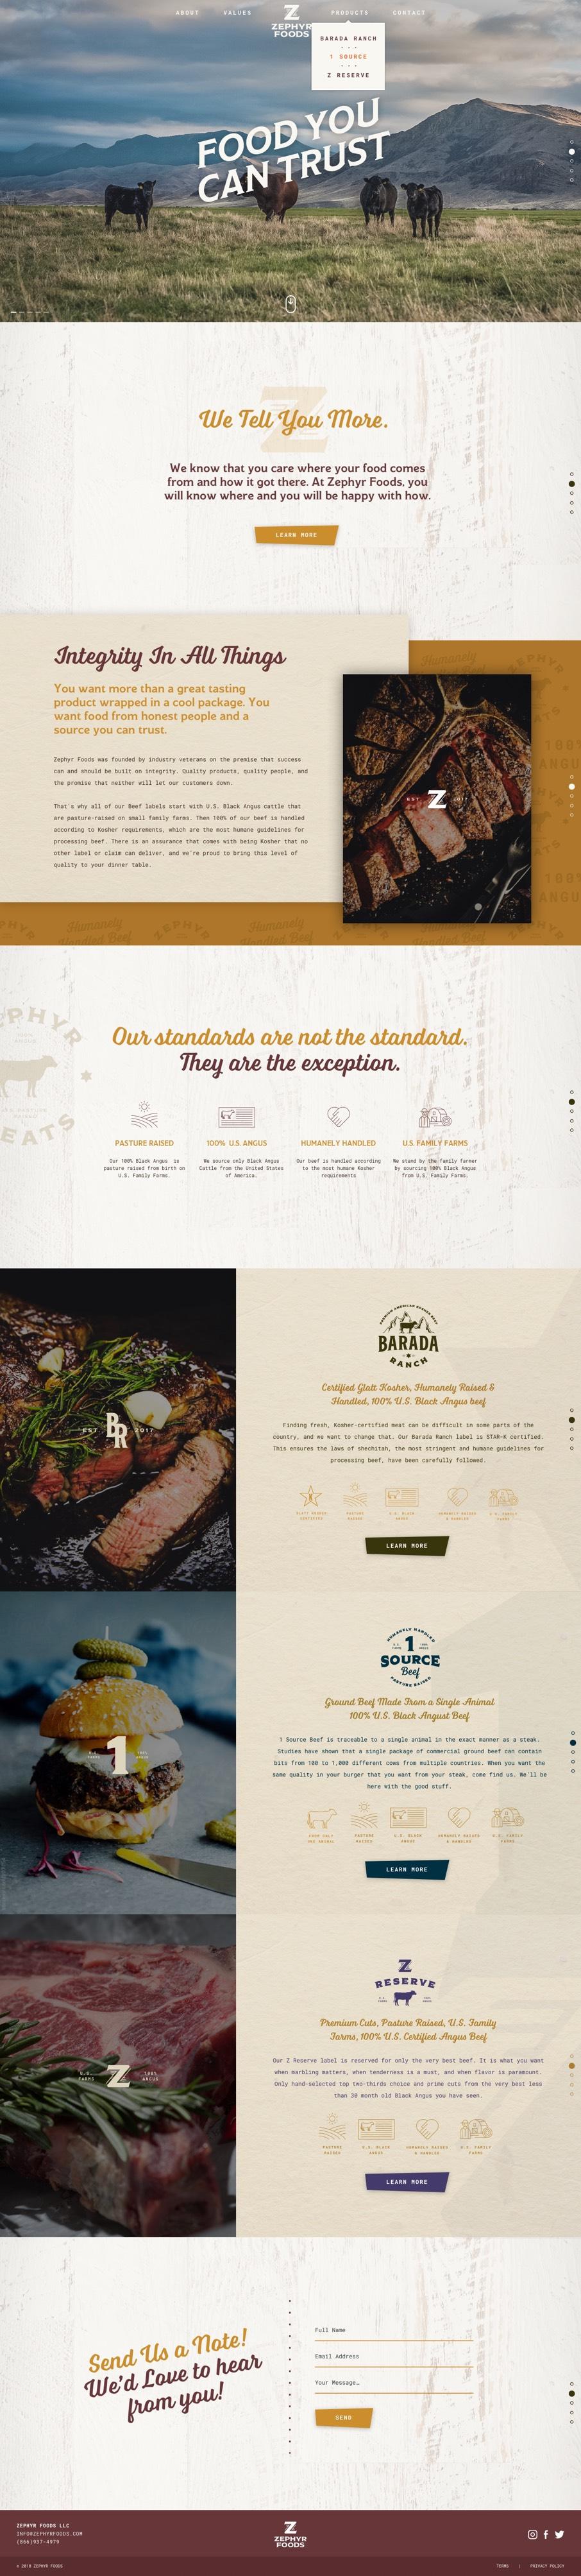 zephyr foods website homepage design